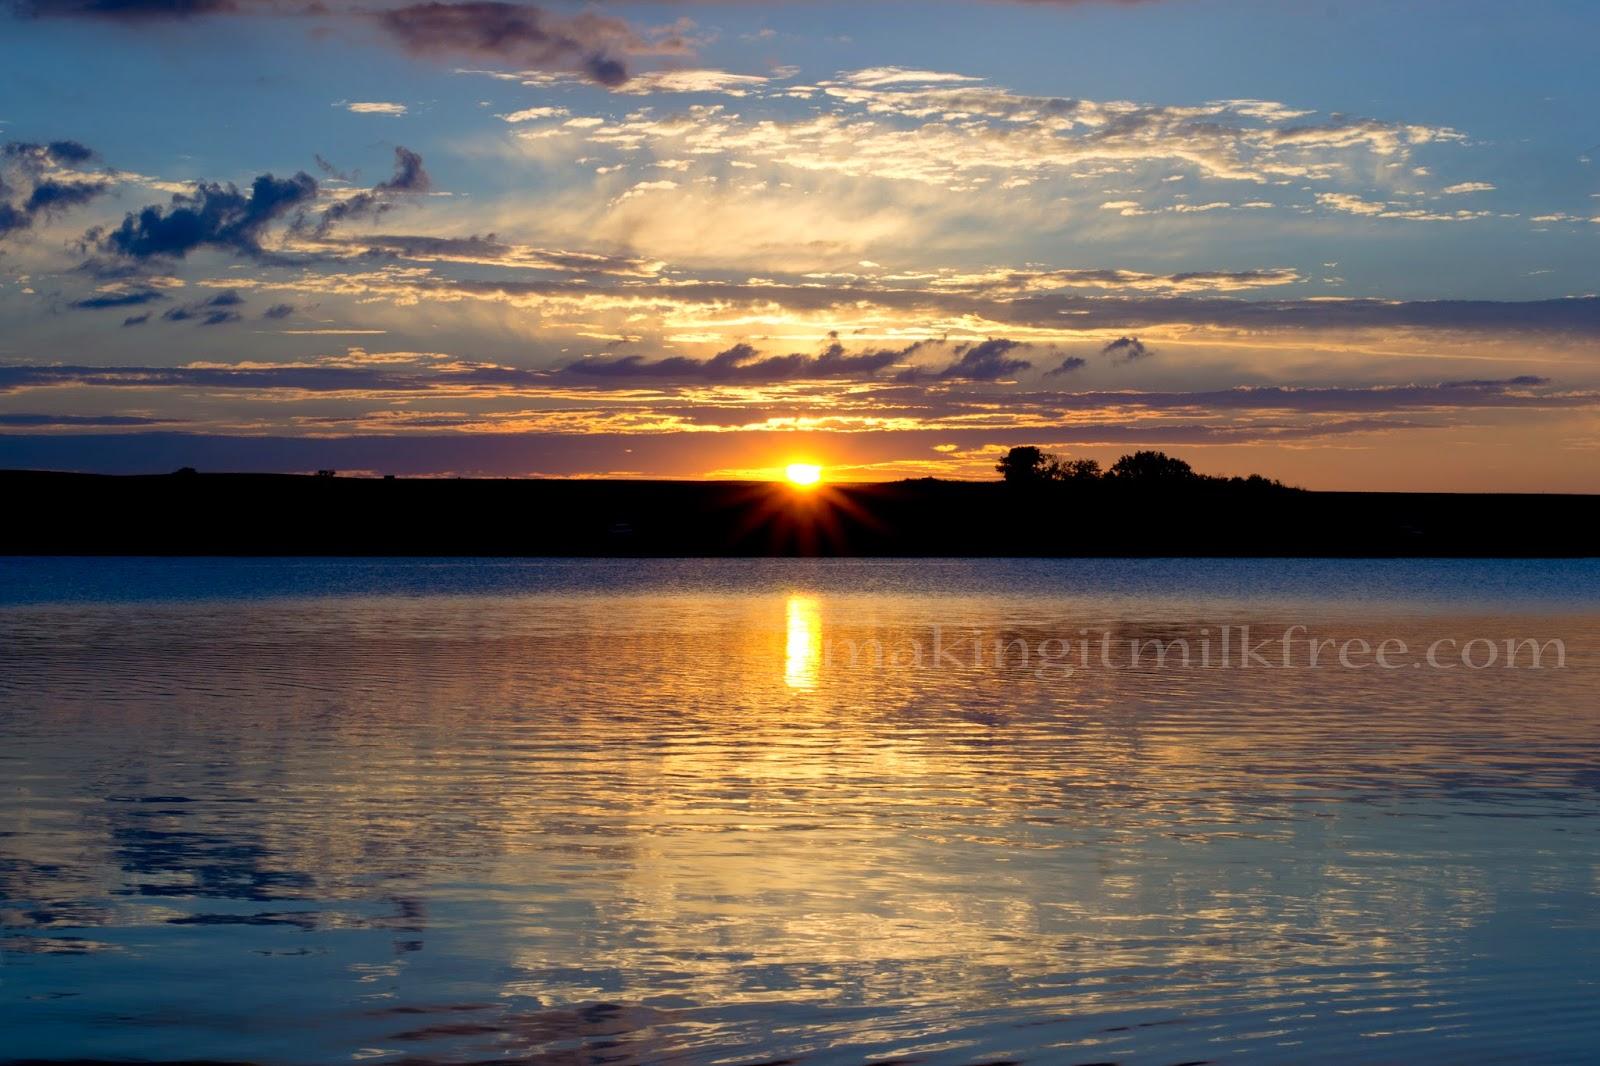 #camping #fishing #sunset #kansas #kids